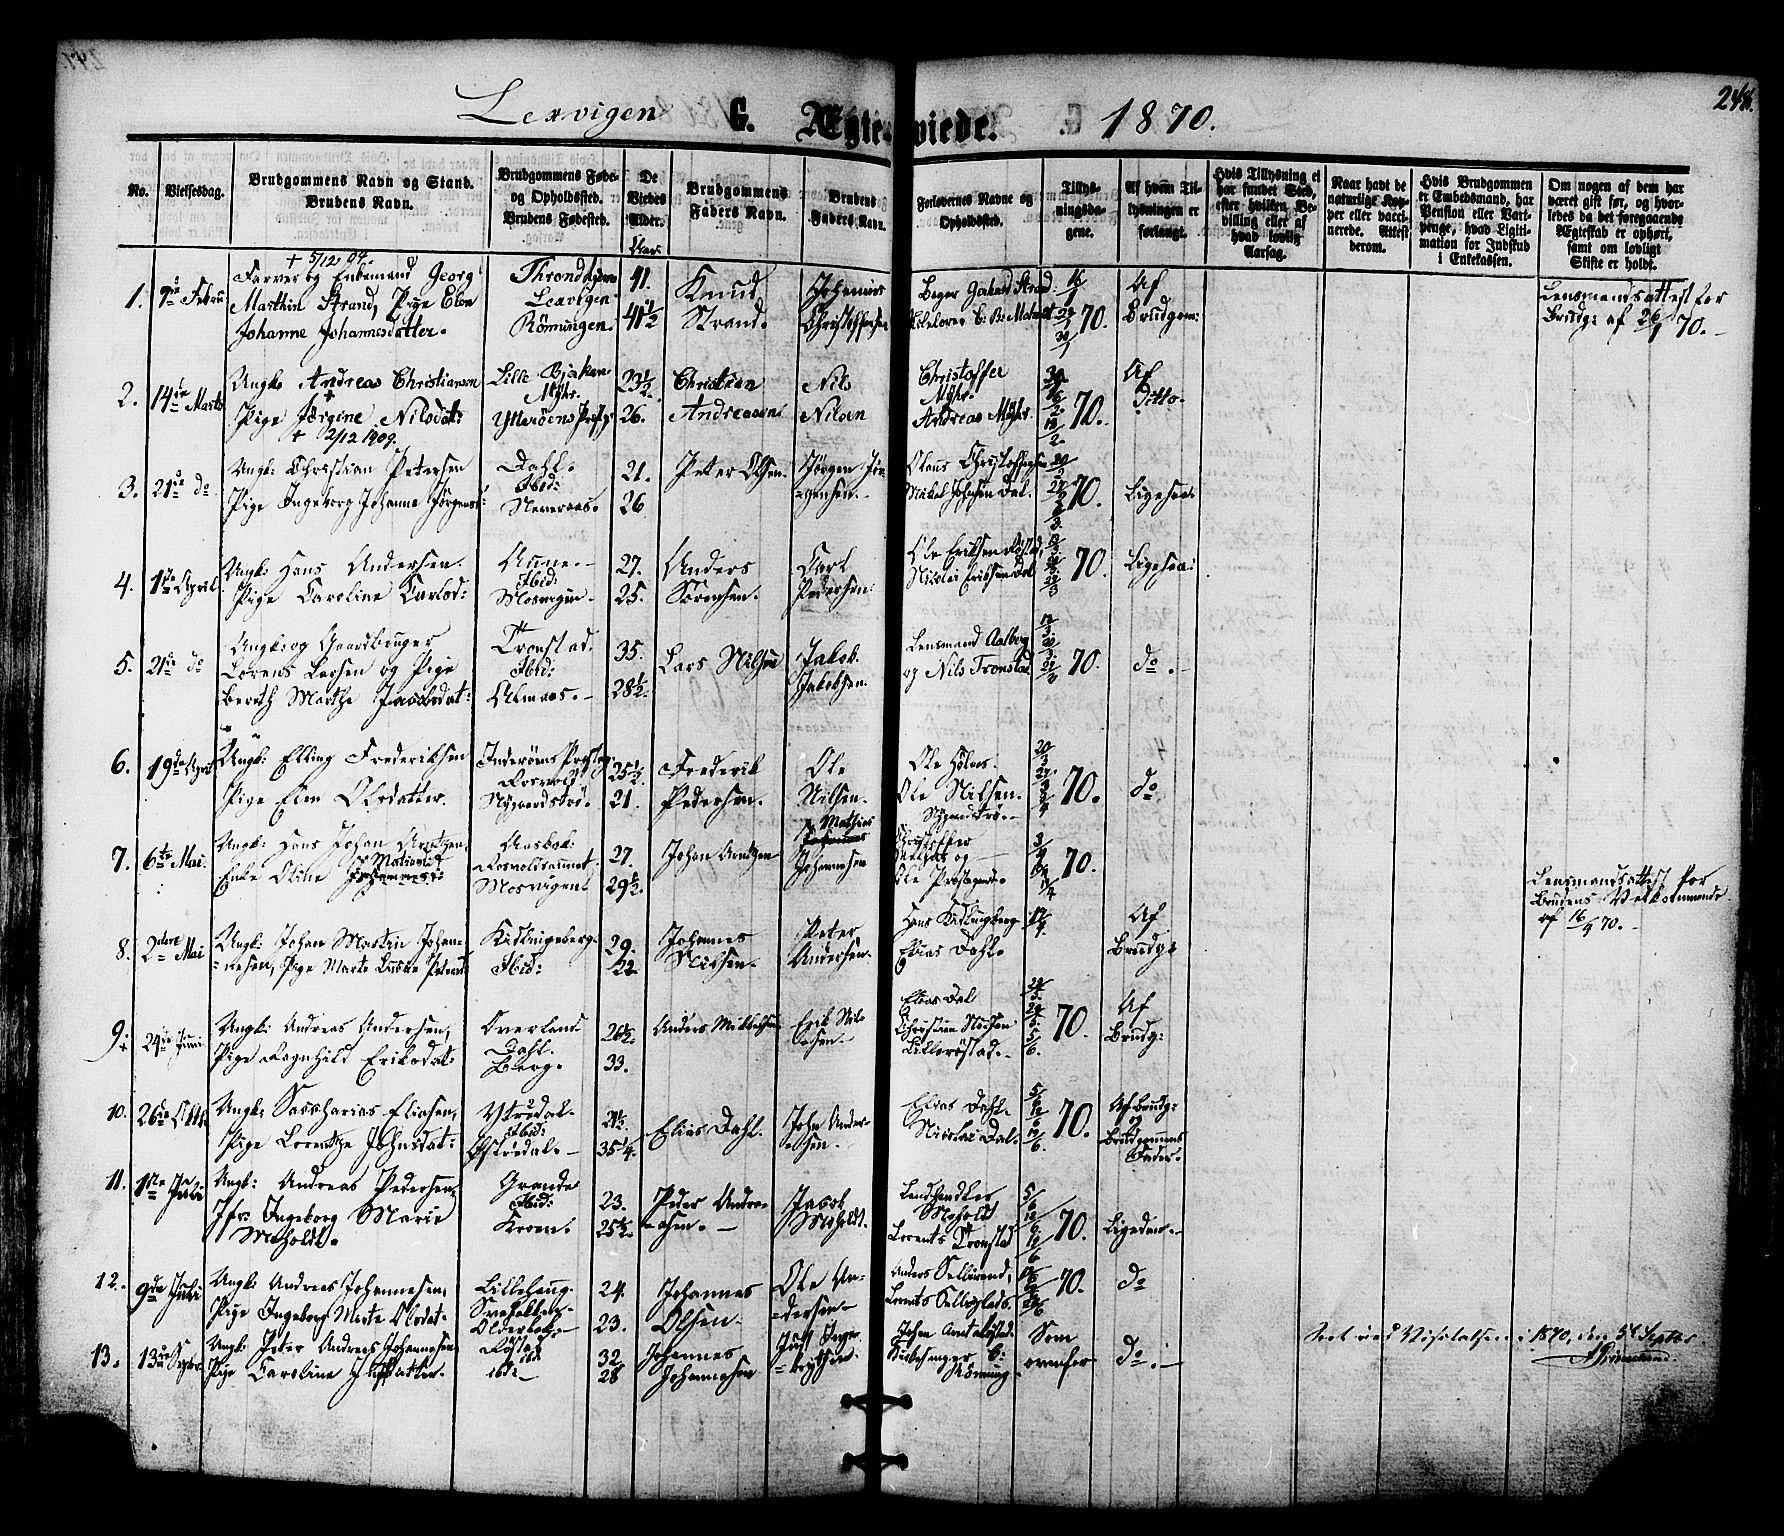 SAT, Ministerialprotokoller, klokkerbøker og fødselsregistre - Nord-Trøndelag, 701/L0009: Ministerialbok nr. 701A09 /1, 1864-1882, s. 248